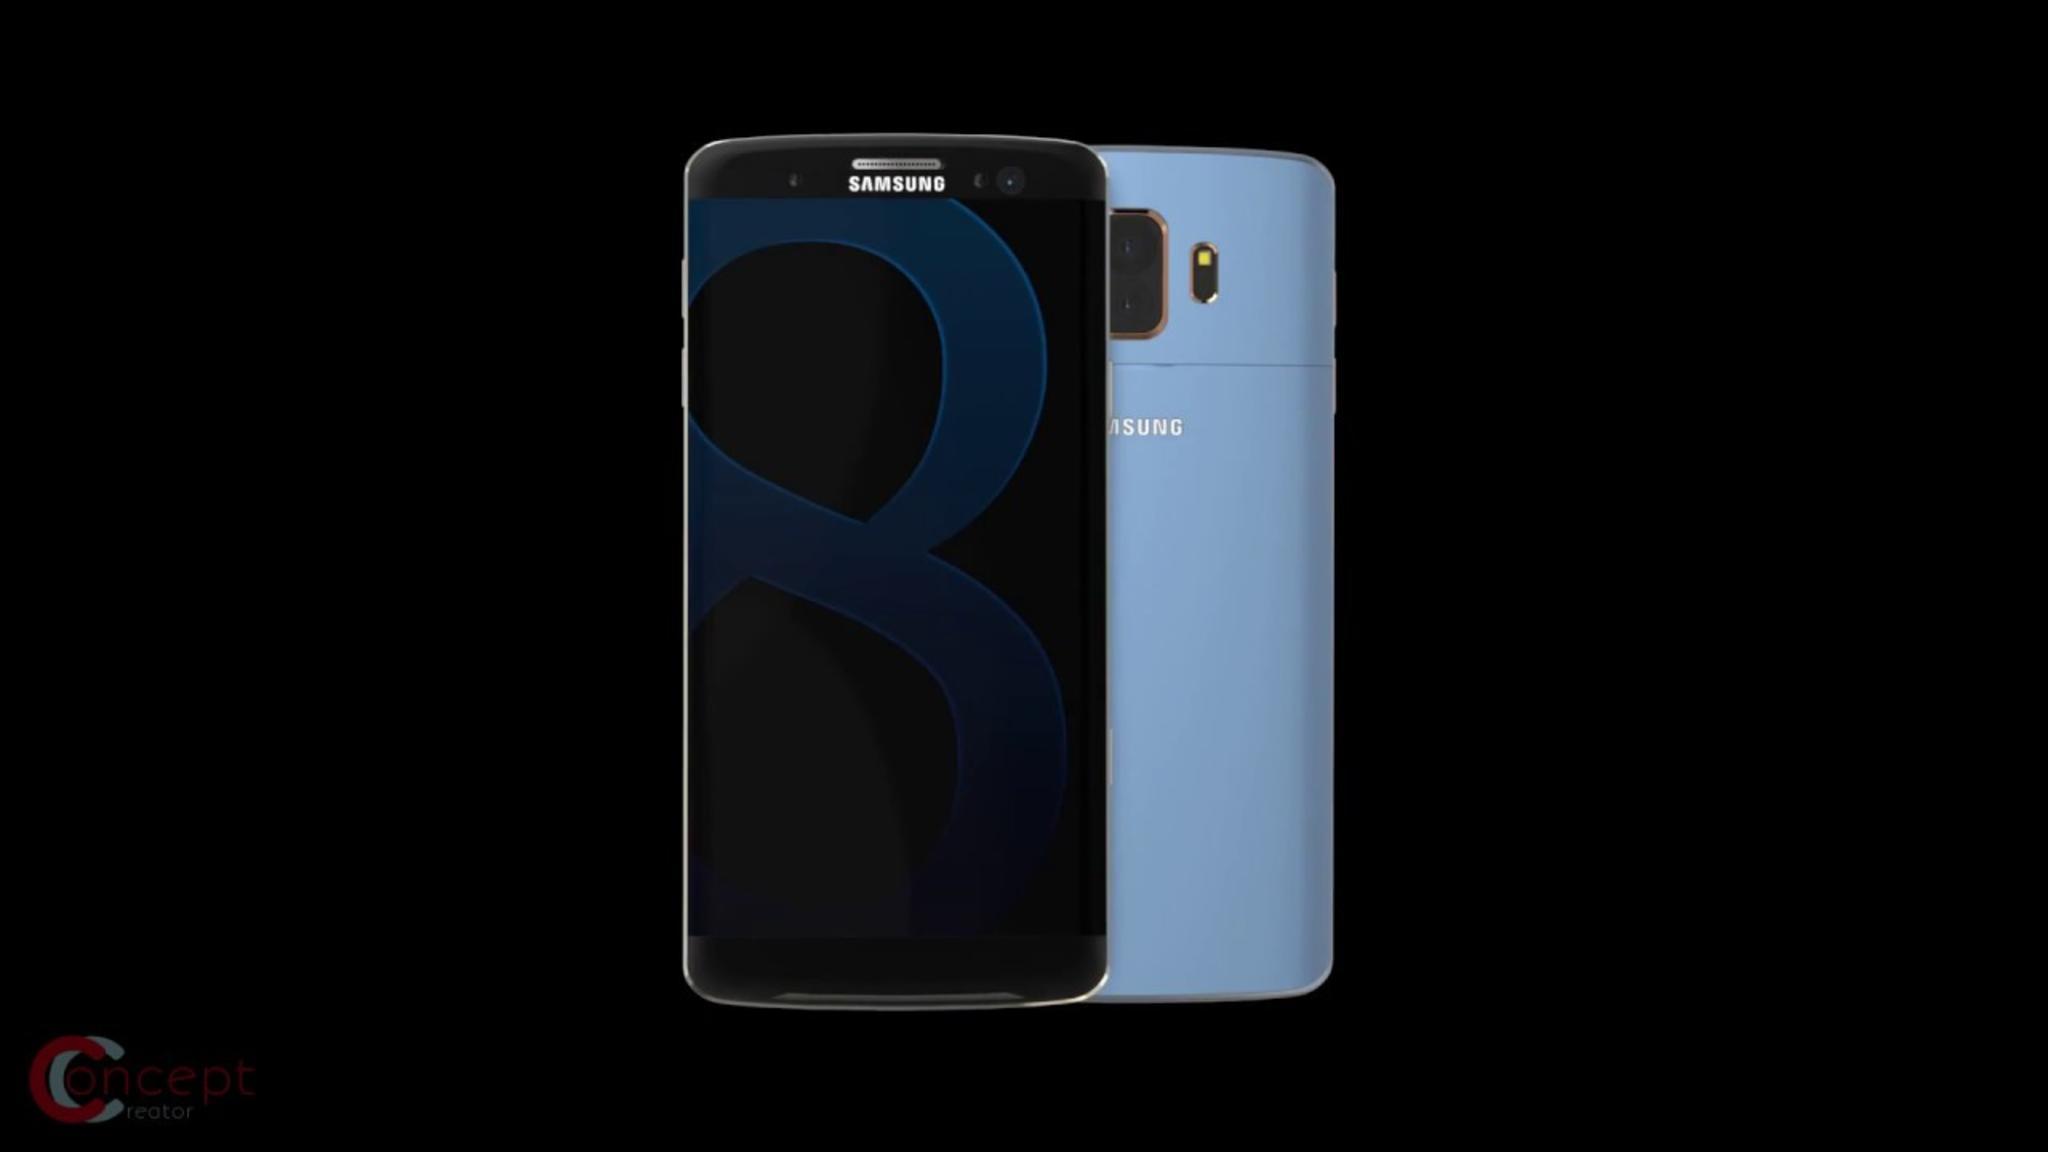 Das Samsung Galaxy S8 wird am 29. März offiziell vorgestellt.